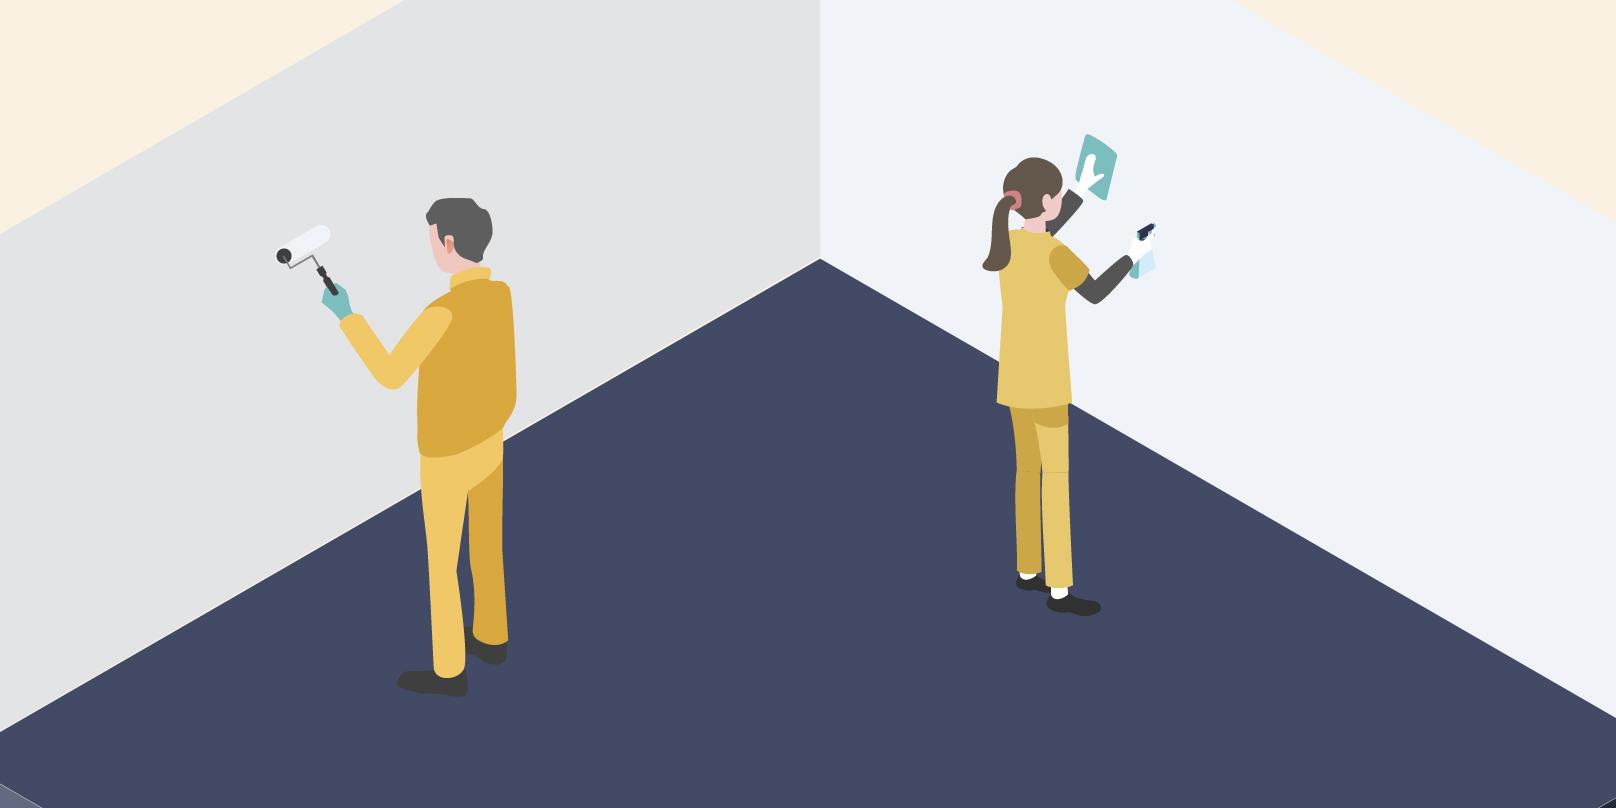 二人の従業員の方が壁面の清掃、塗り壁の作業をしているイメージ